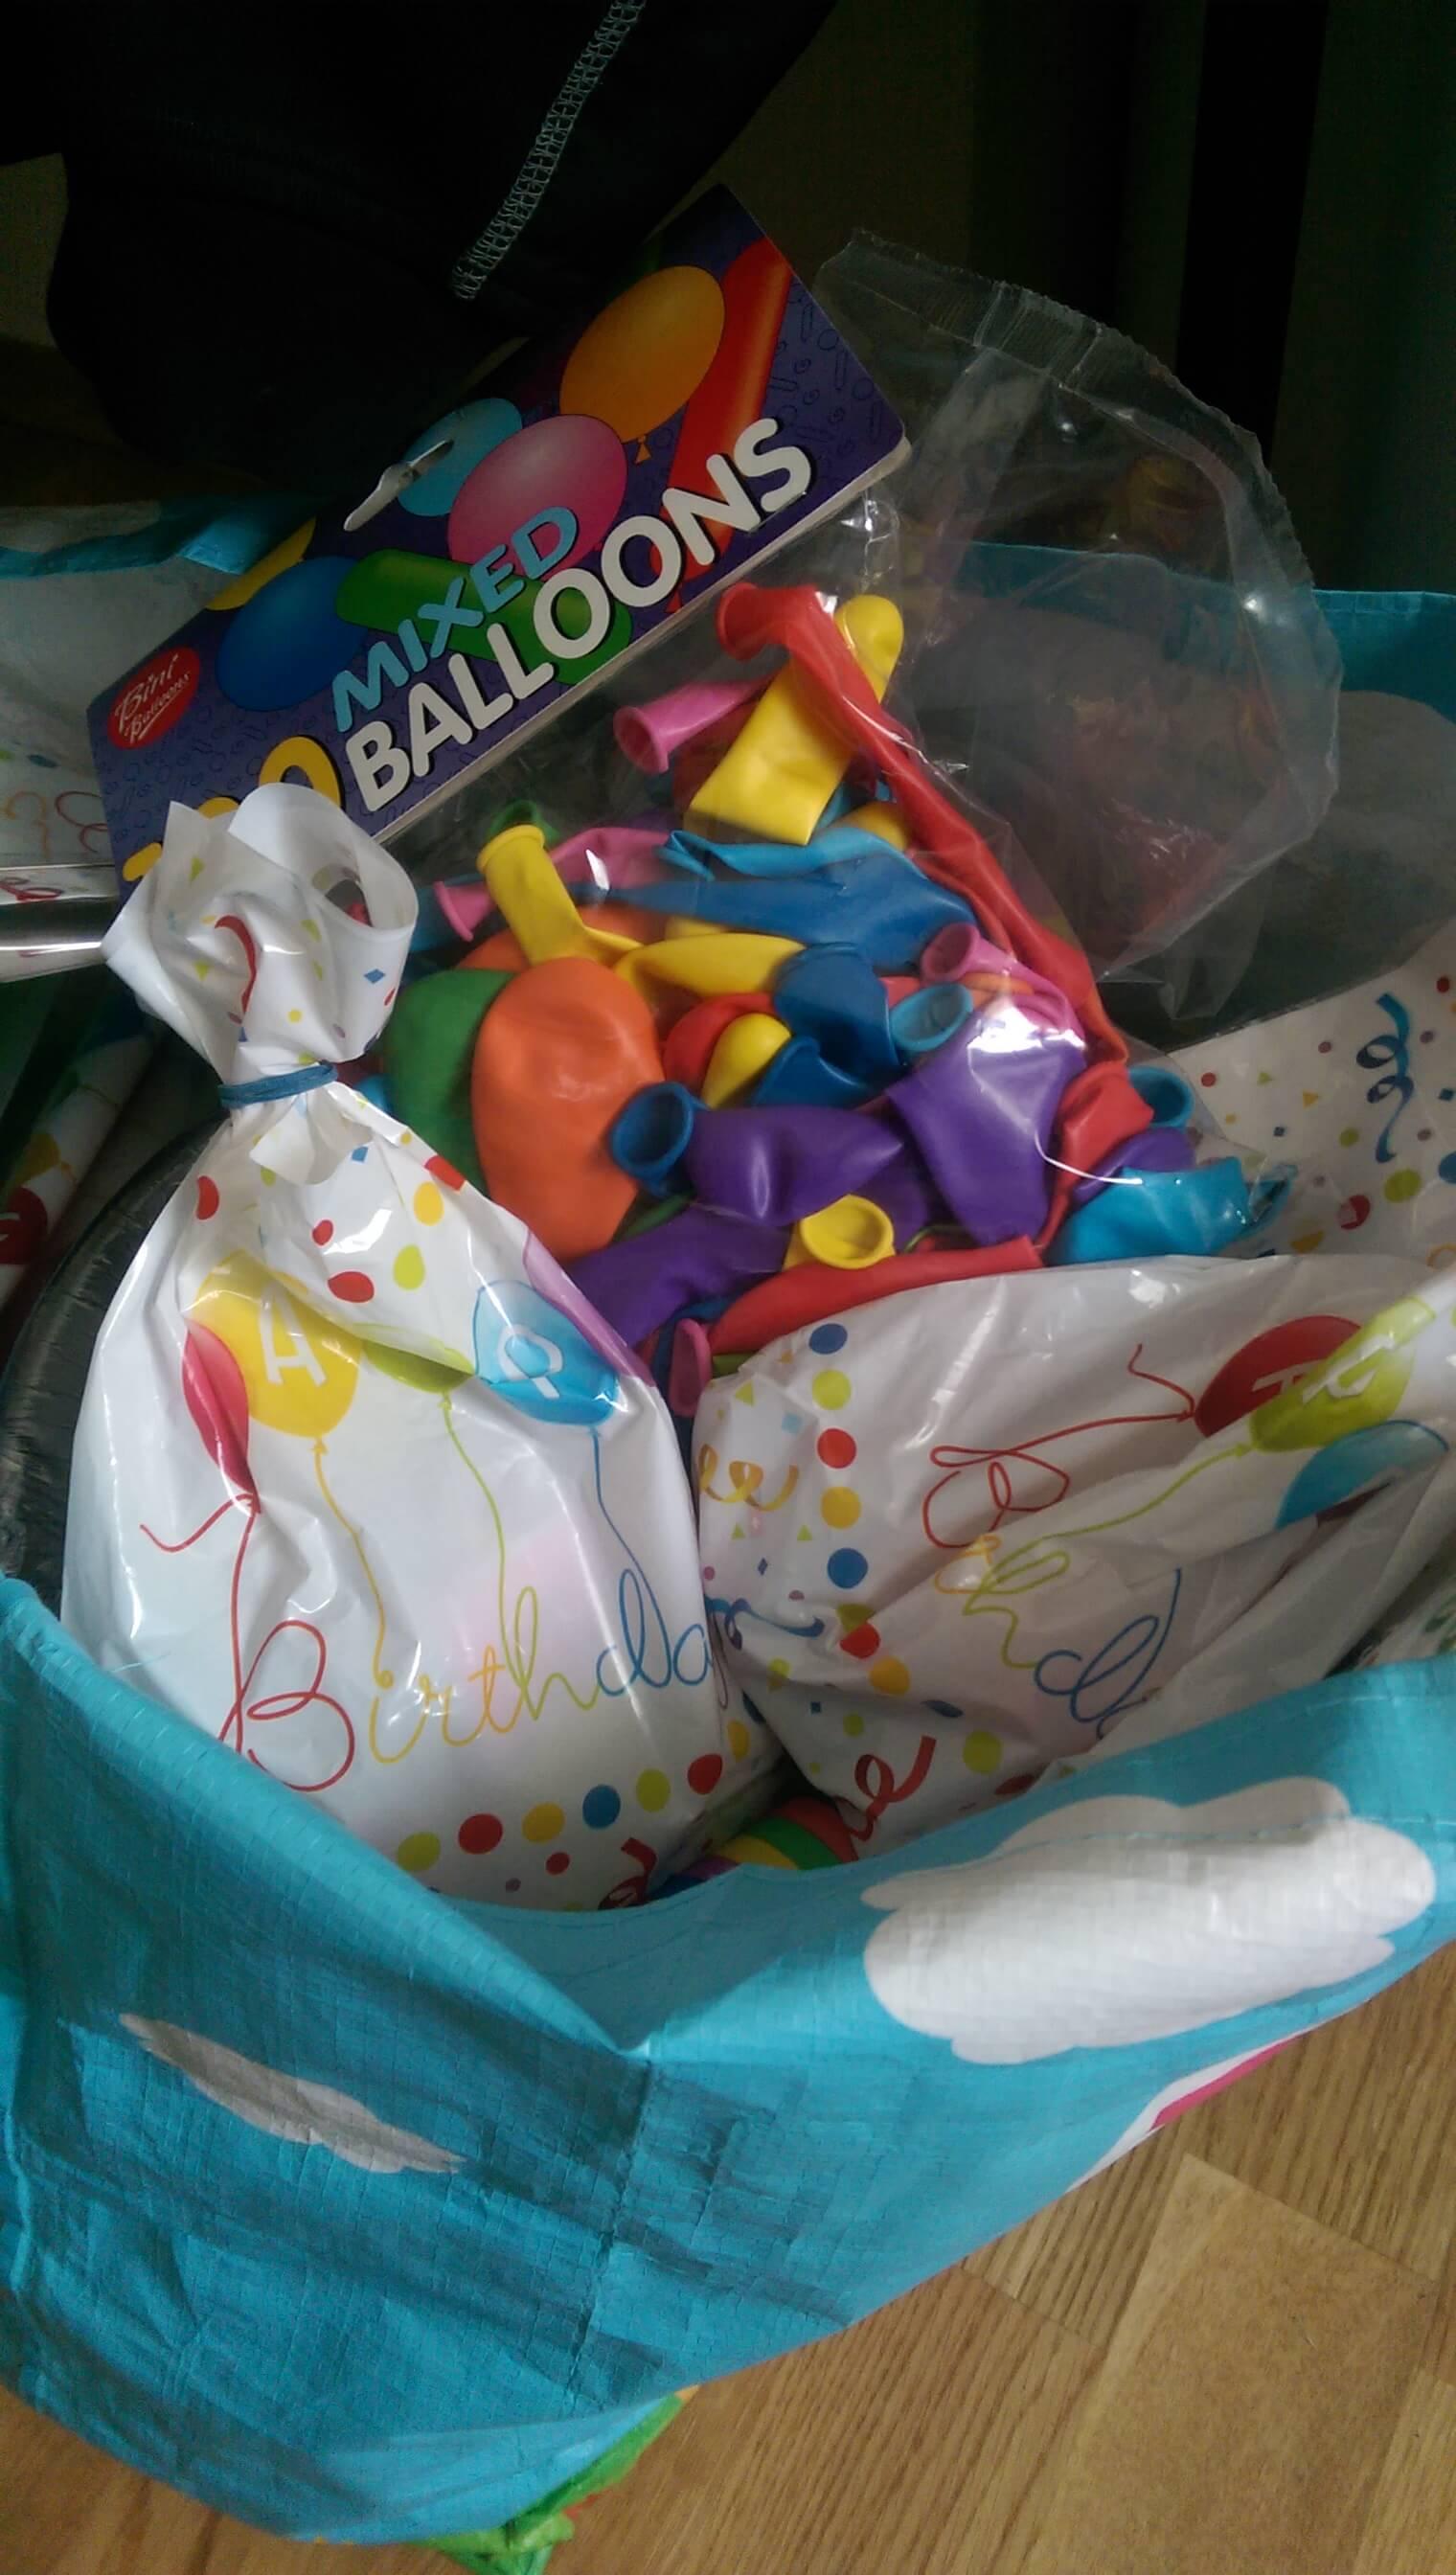 Godteriposer og ballonger på plass-i dag blir det bursdagsfest